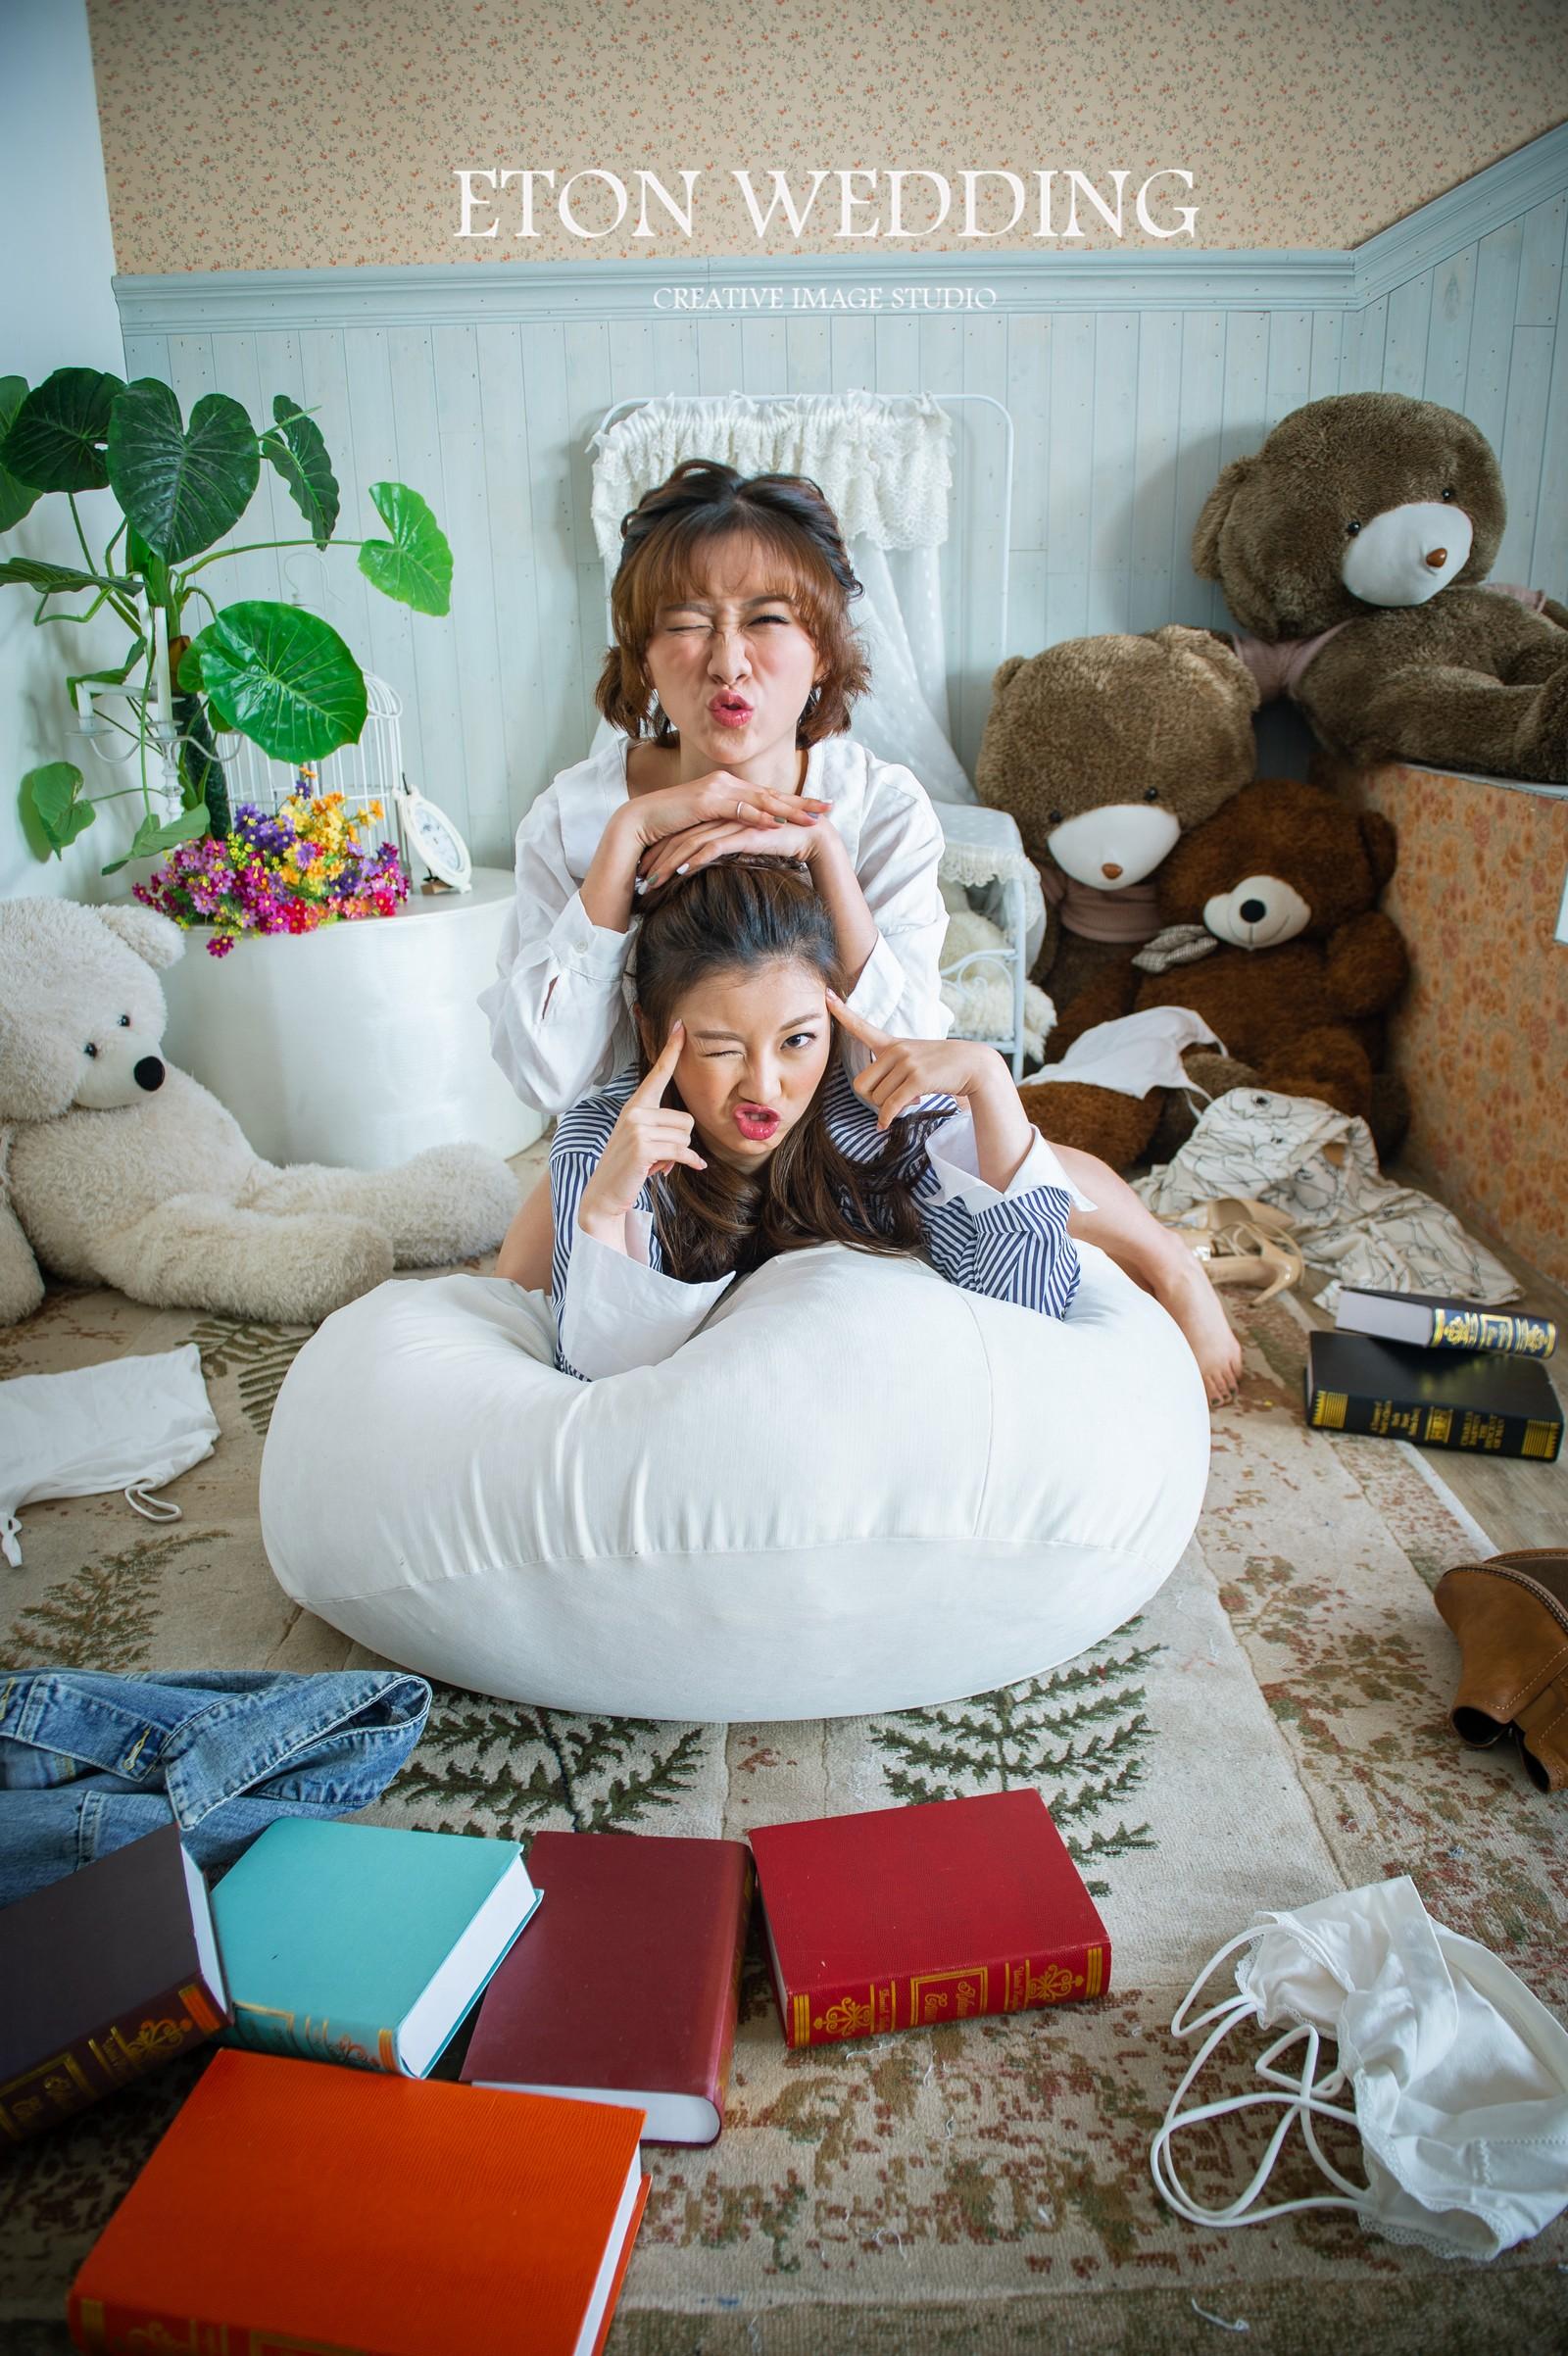 姊妹寫真,姐妹照,閨蜜照,閨蜜寫真,婚紗攝影